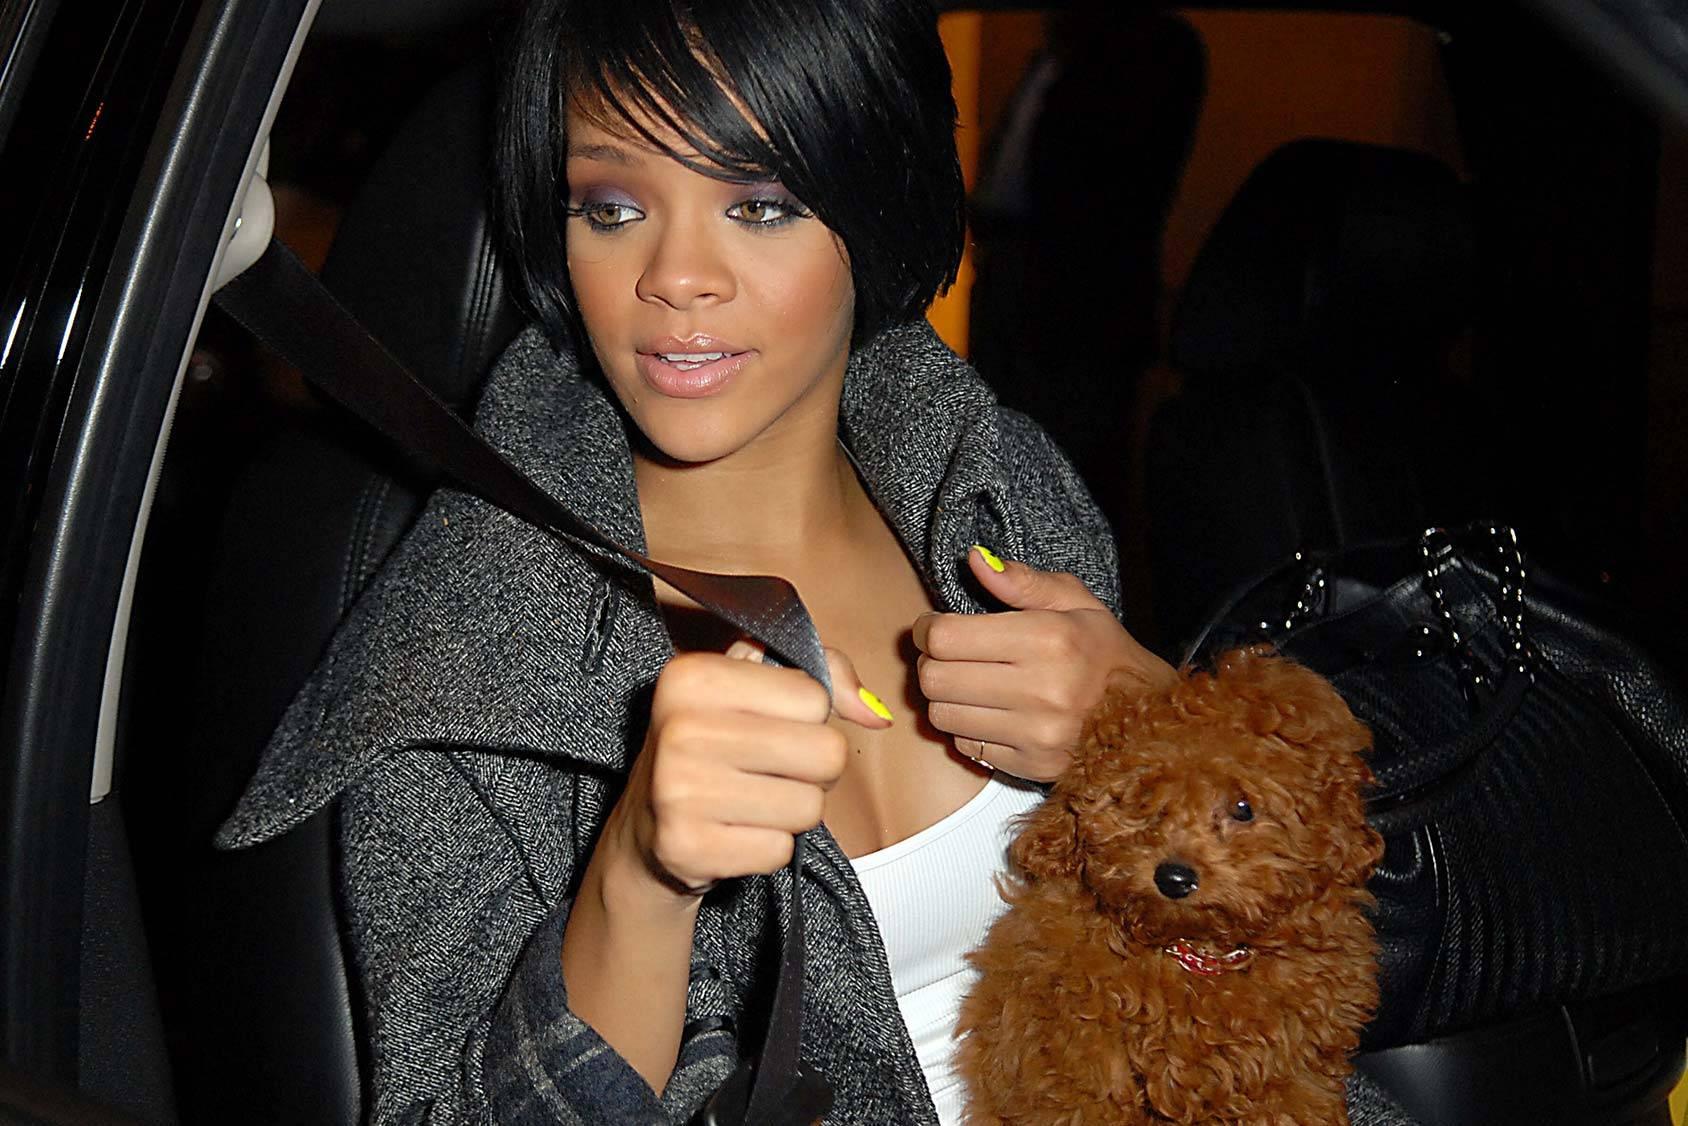 Rihanna-trova-un-cagnolino-nei-bagni-di-un-locale-e-lo-adotta